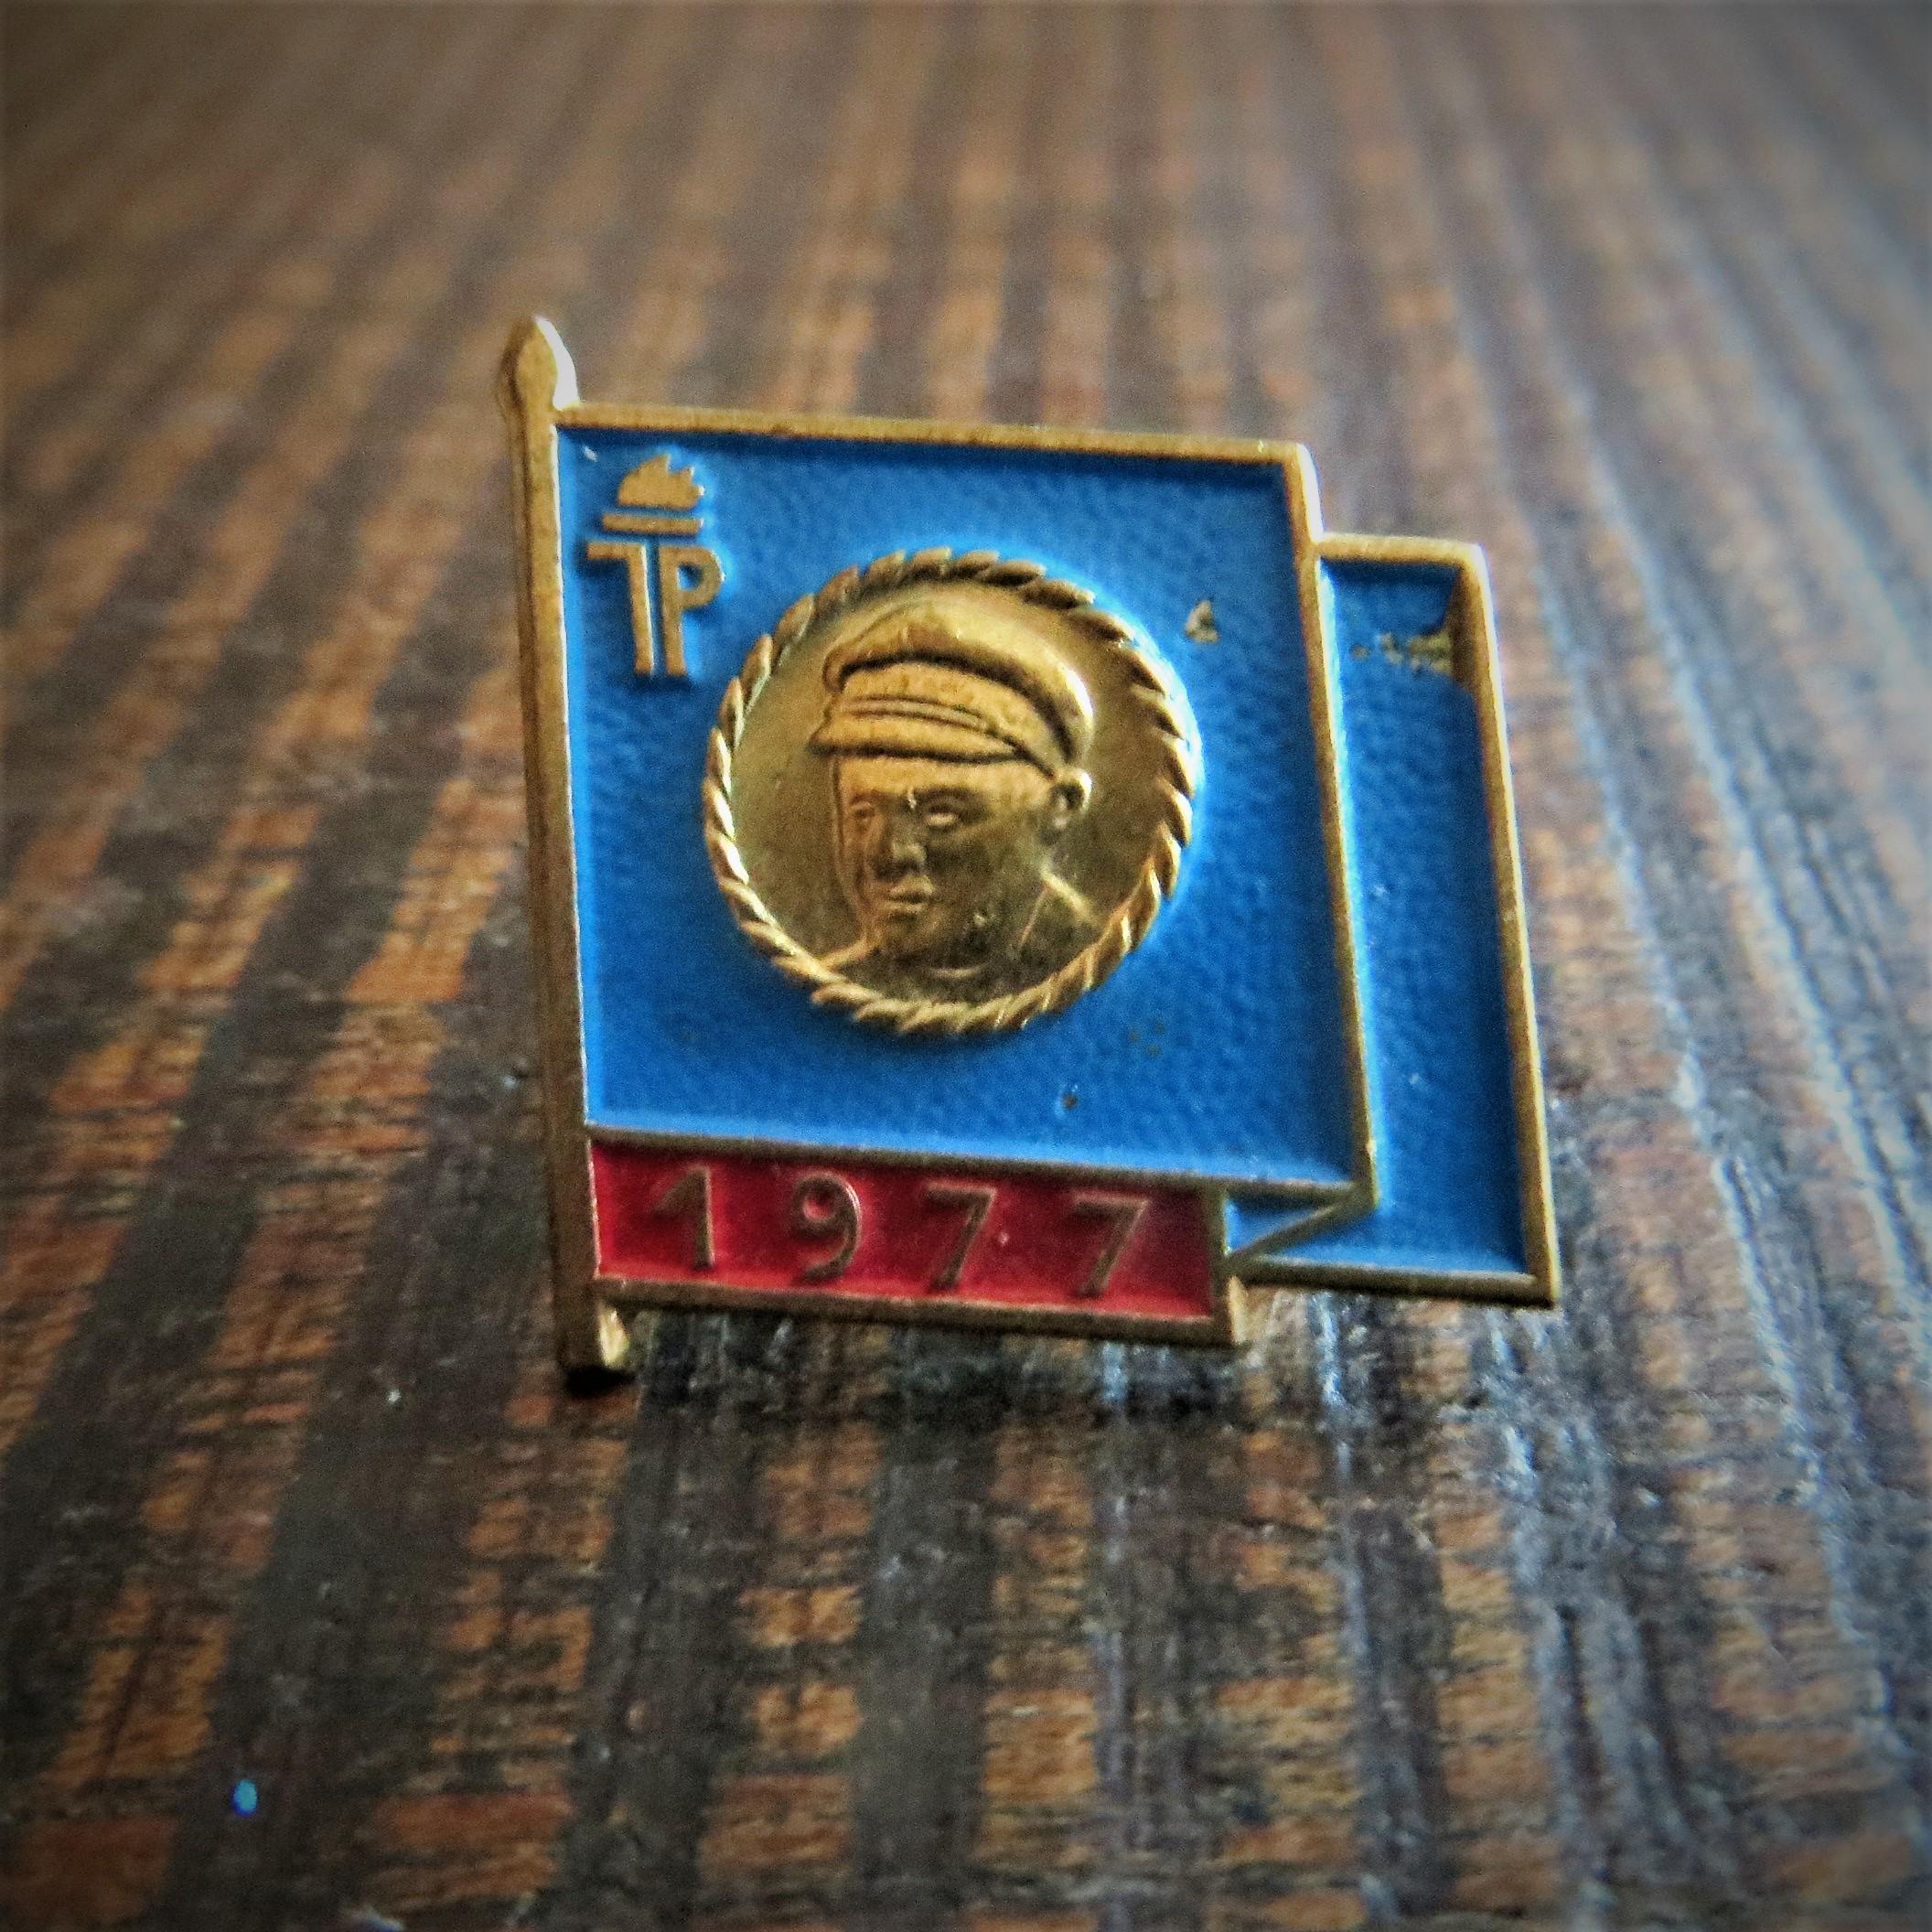 Pin Thalmann 1977 (1)